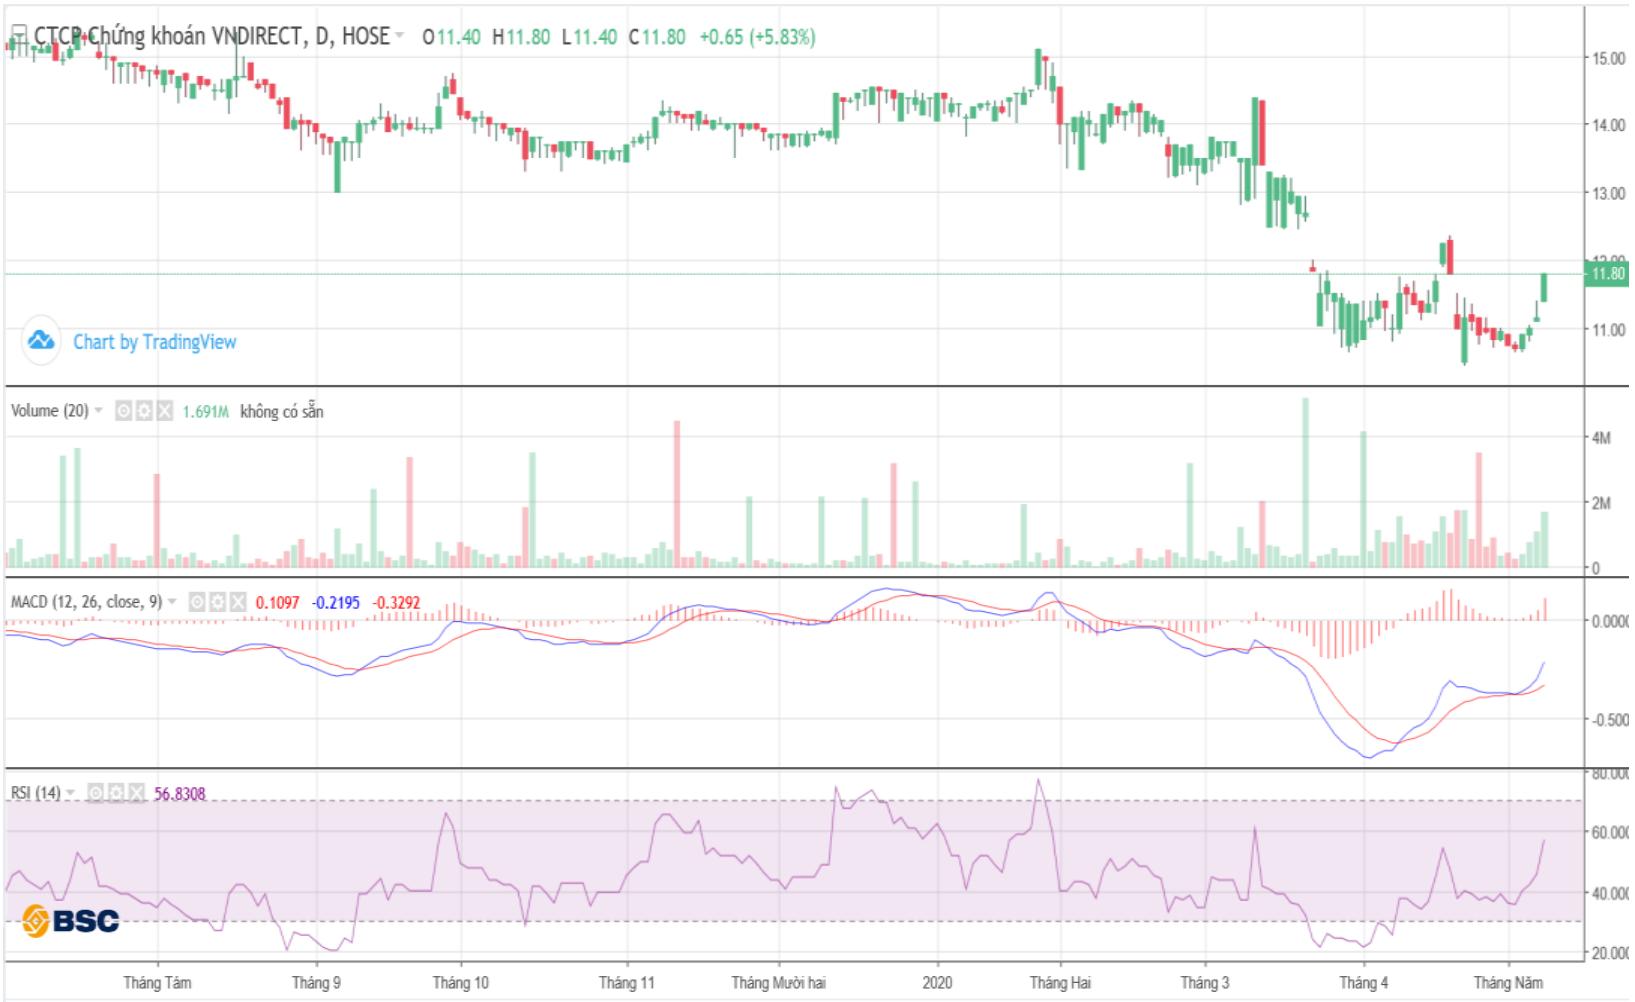 Cổ phiếu tâm điểm ngày 13/5: VND, BVH, LIX - Ảnh 1.